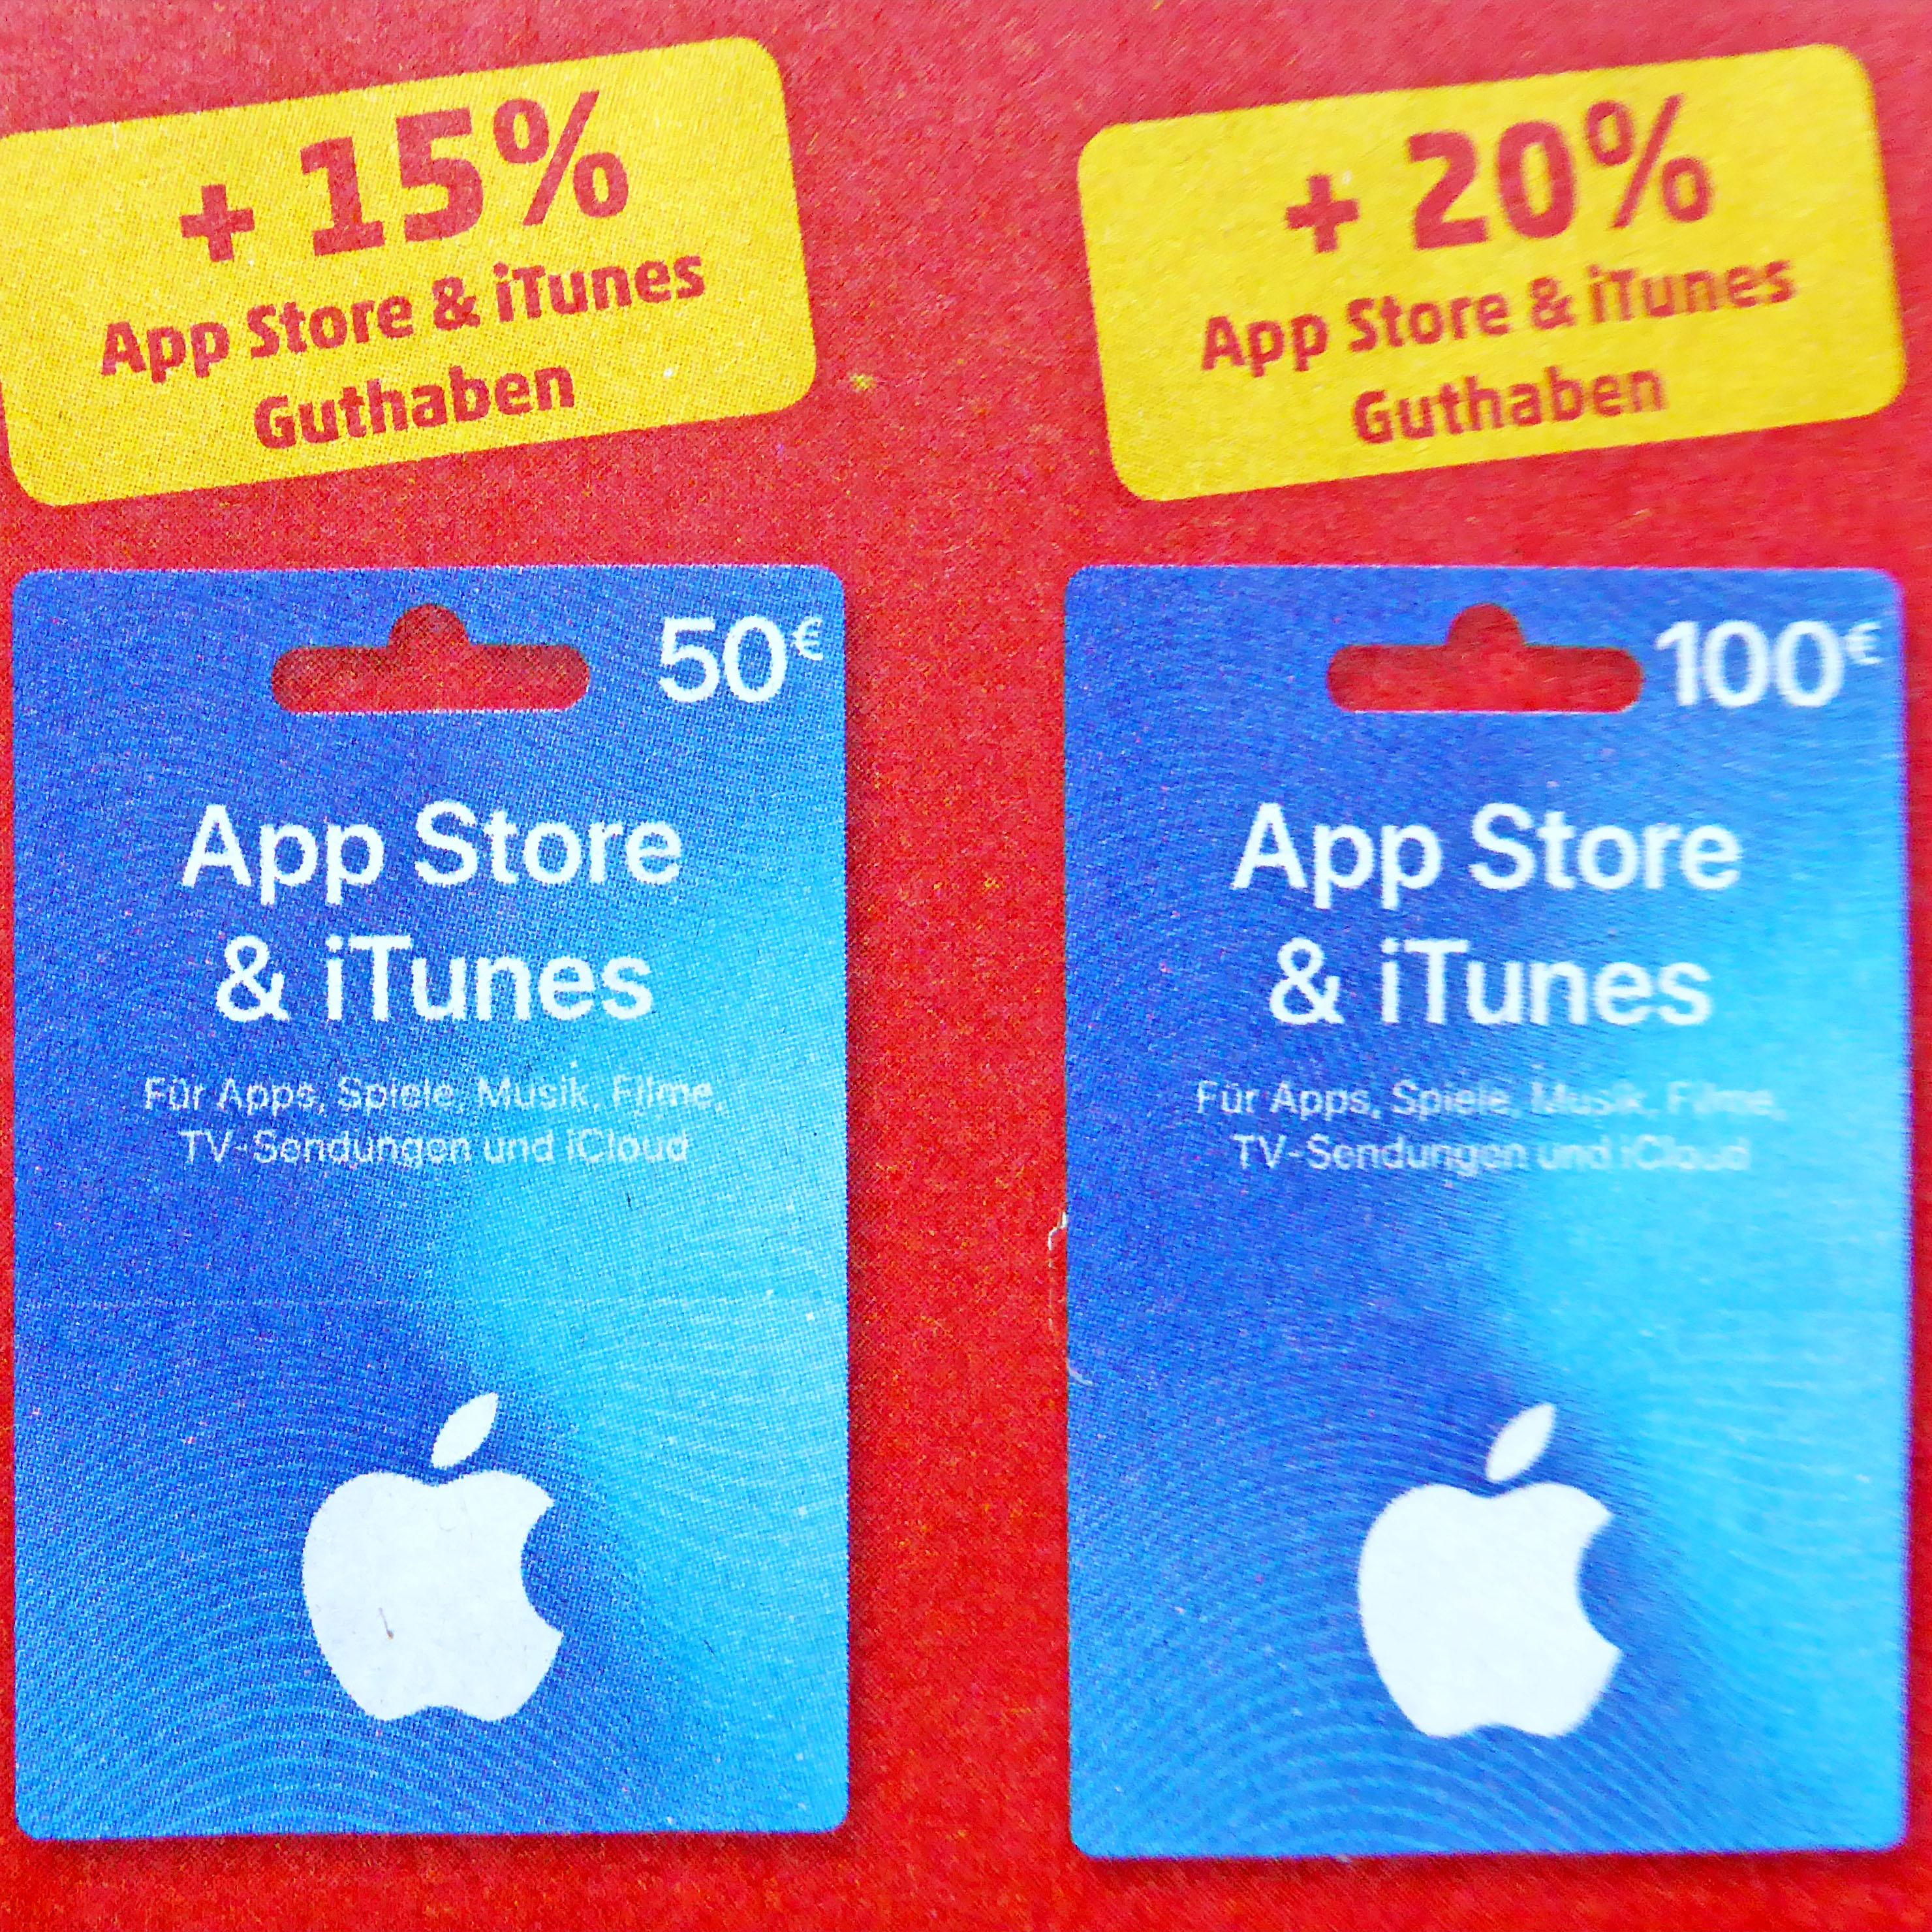 iTunes & App Store Gutschein 20% ! Guthaben on Top bei (Penny)